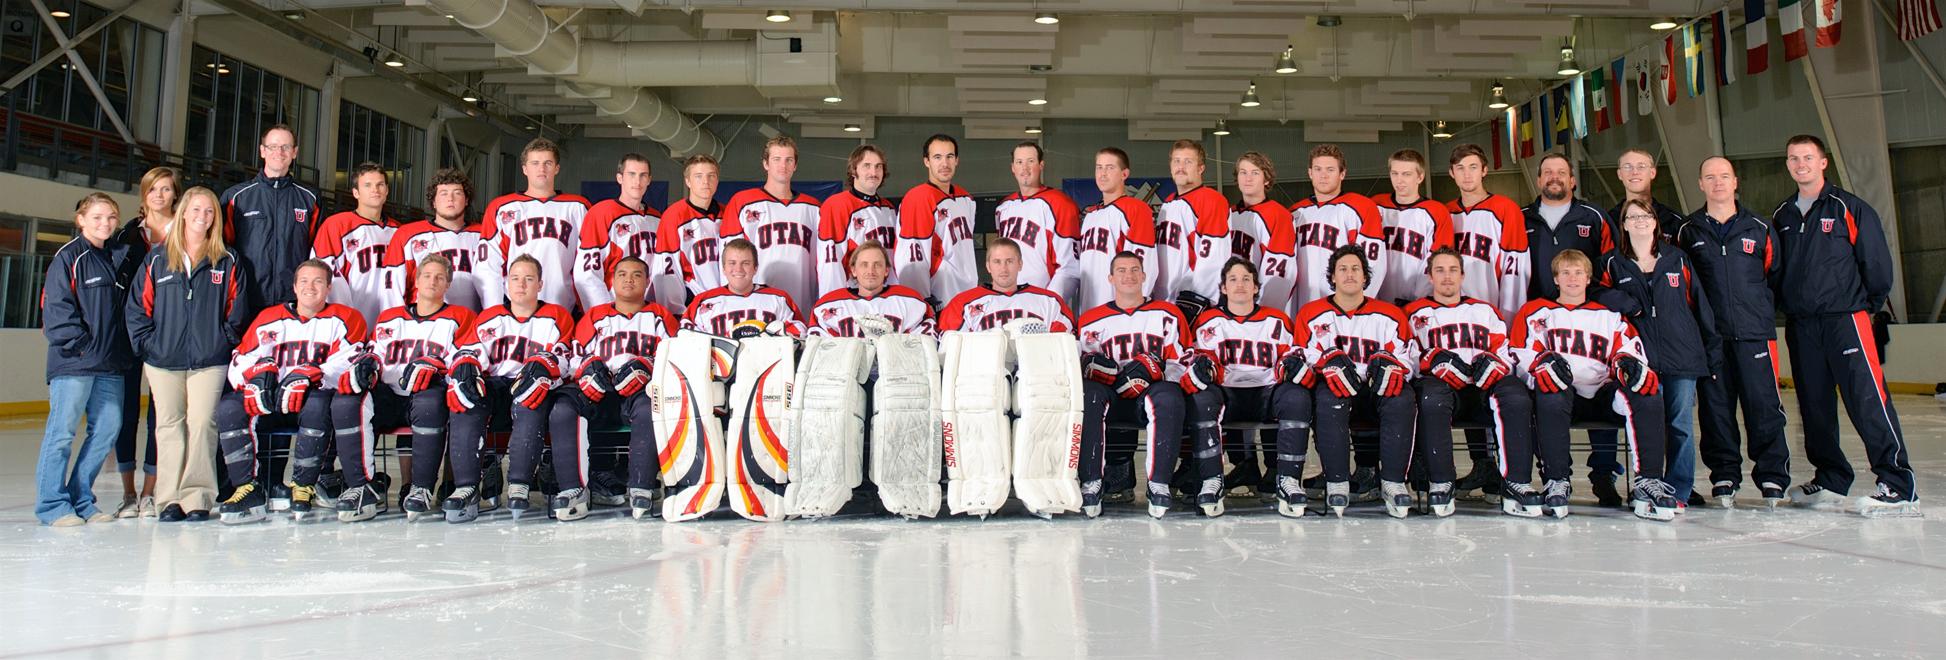 2010-11 University of Utah Hockey